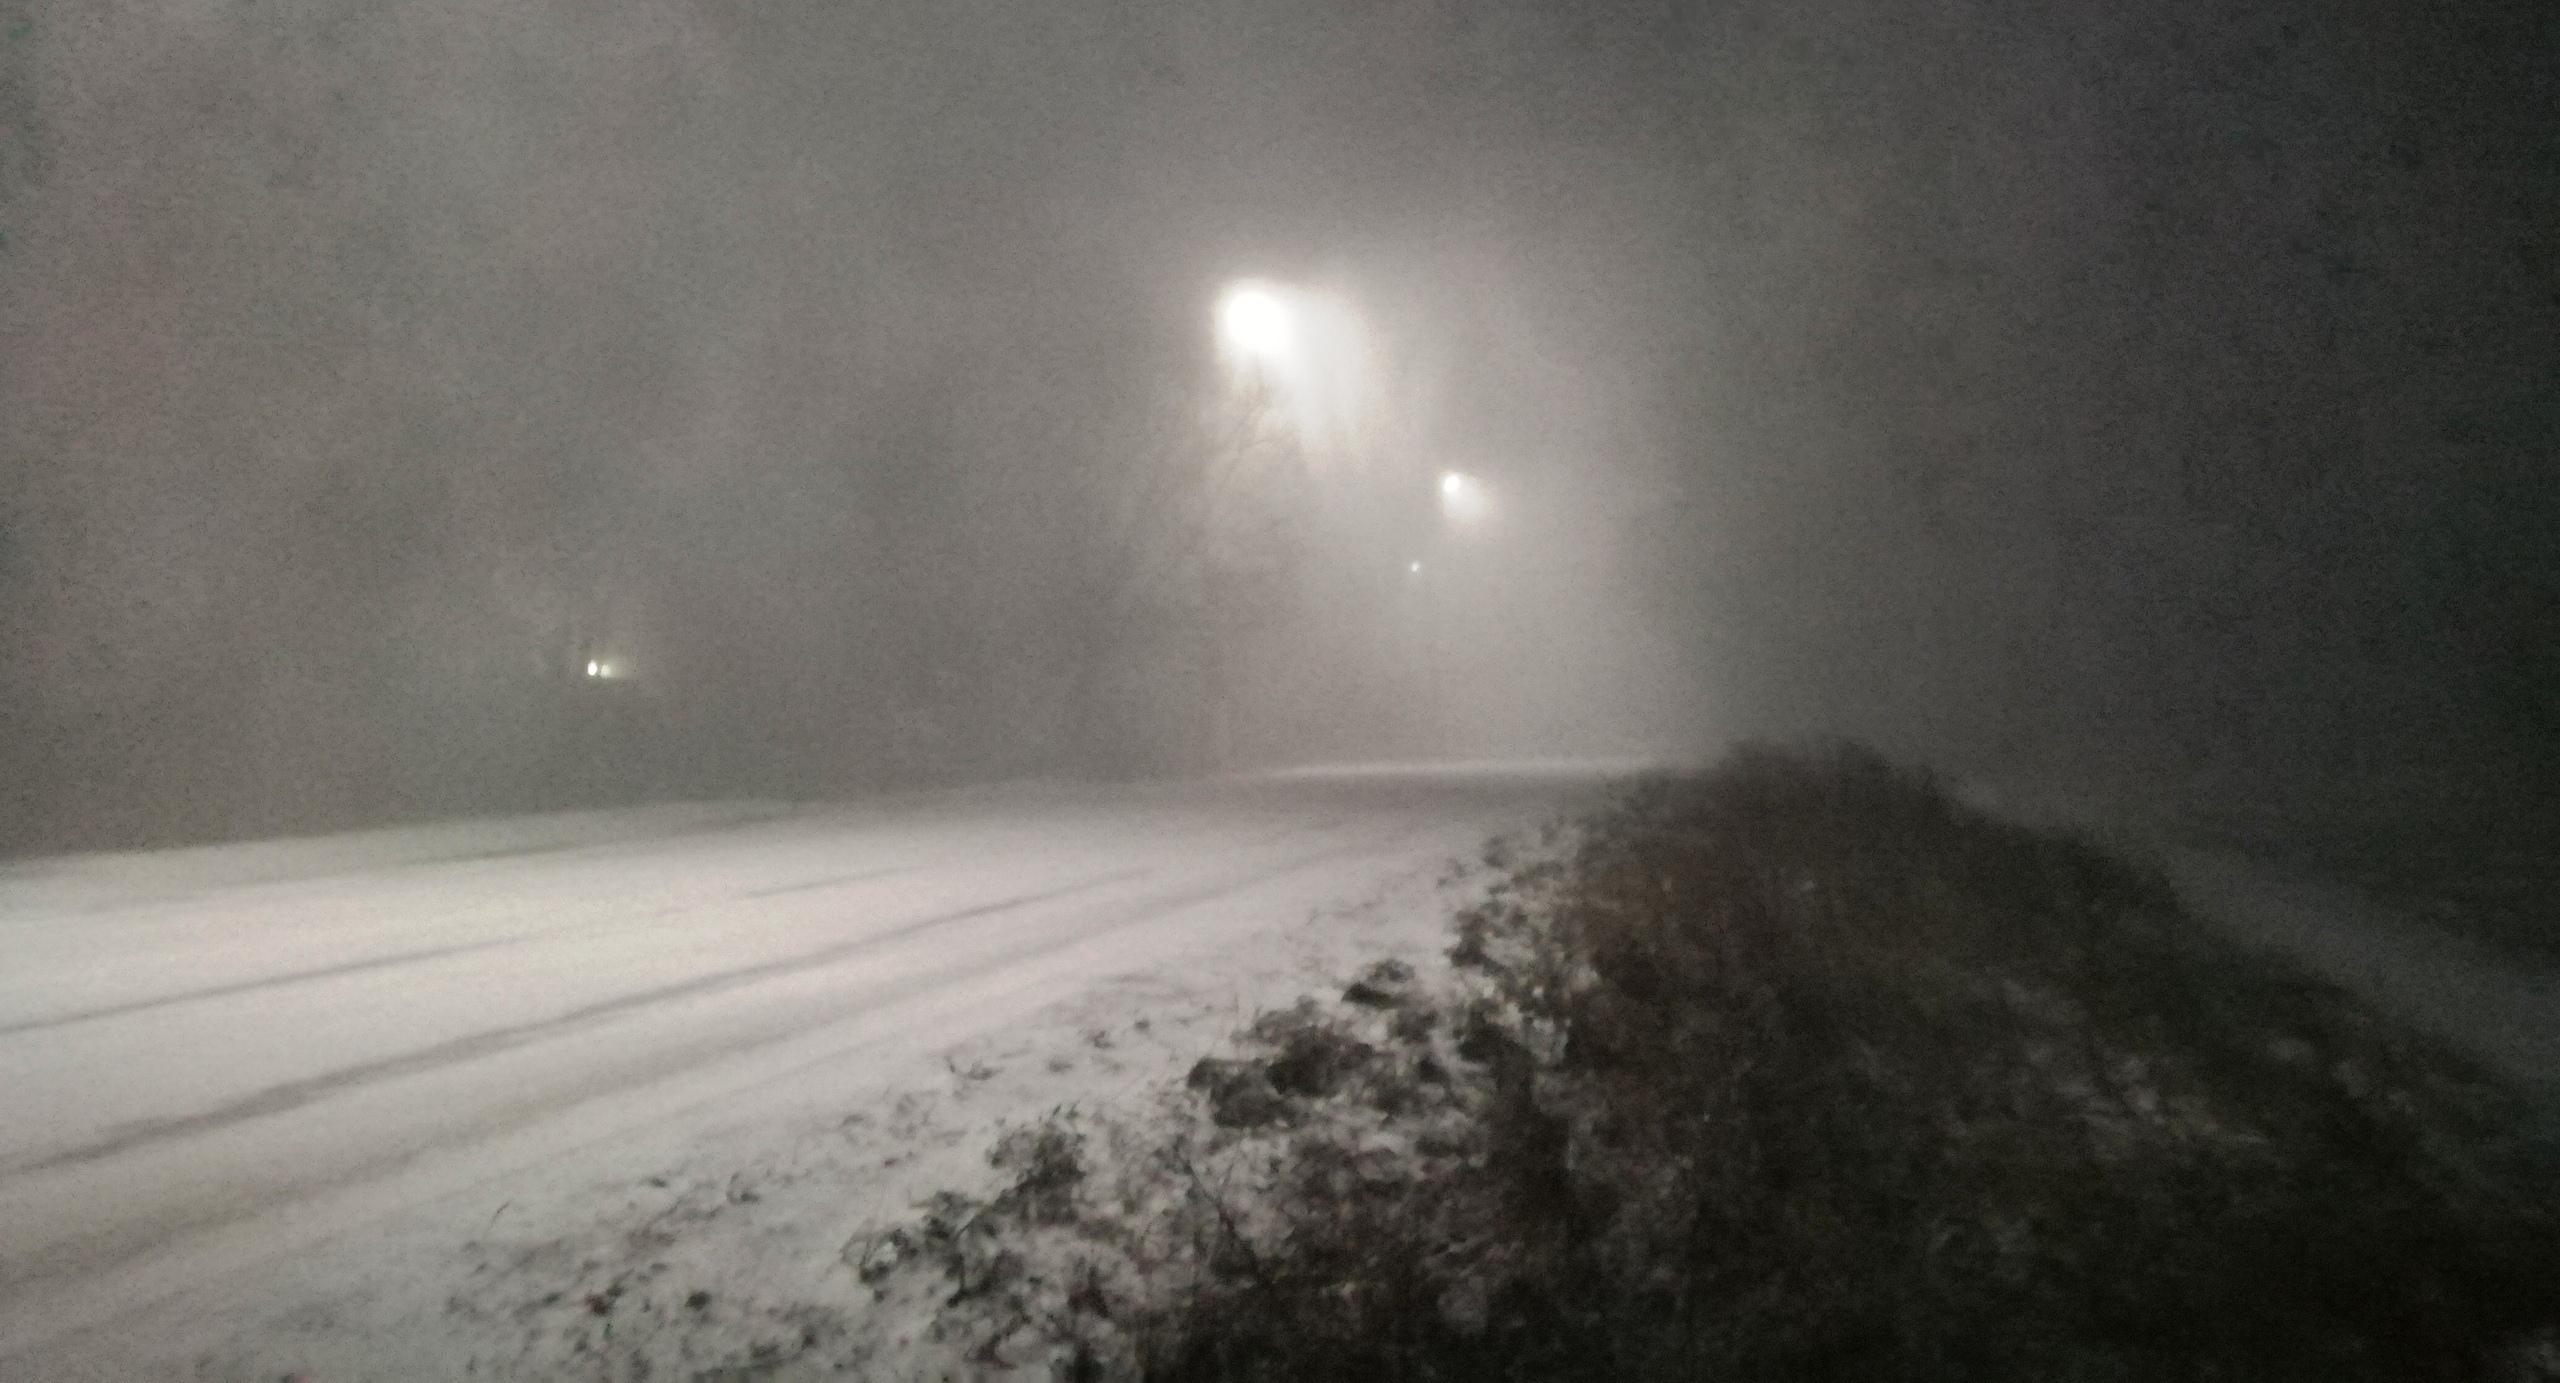 Гроза в январе! На Калугу обрушился снежный шторм